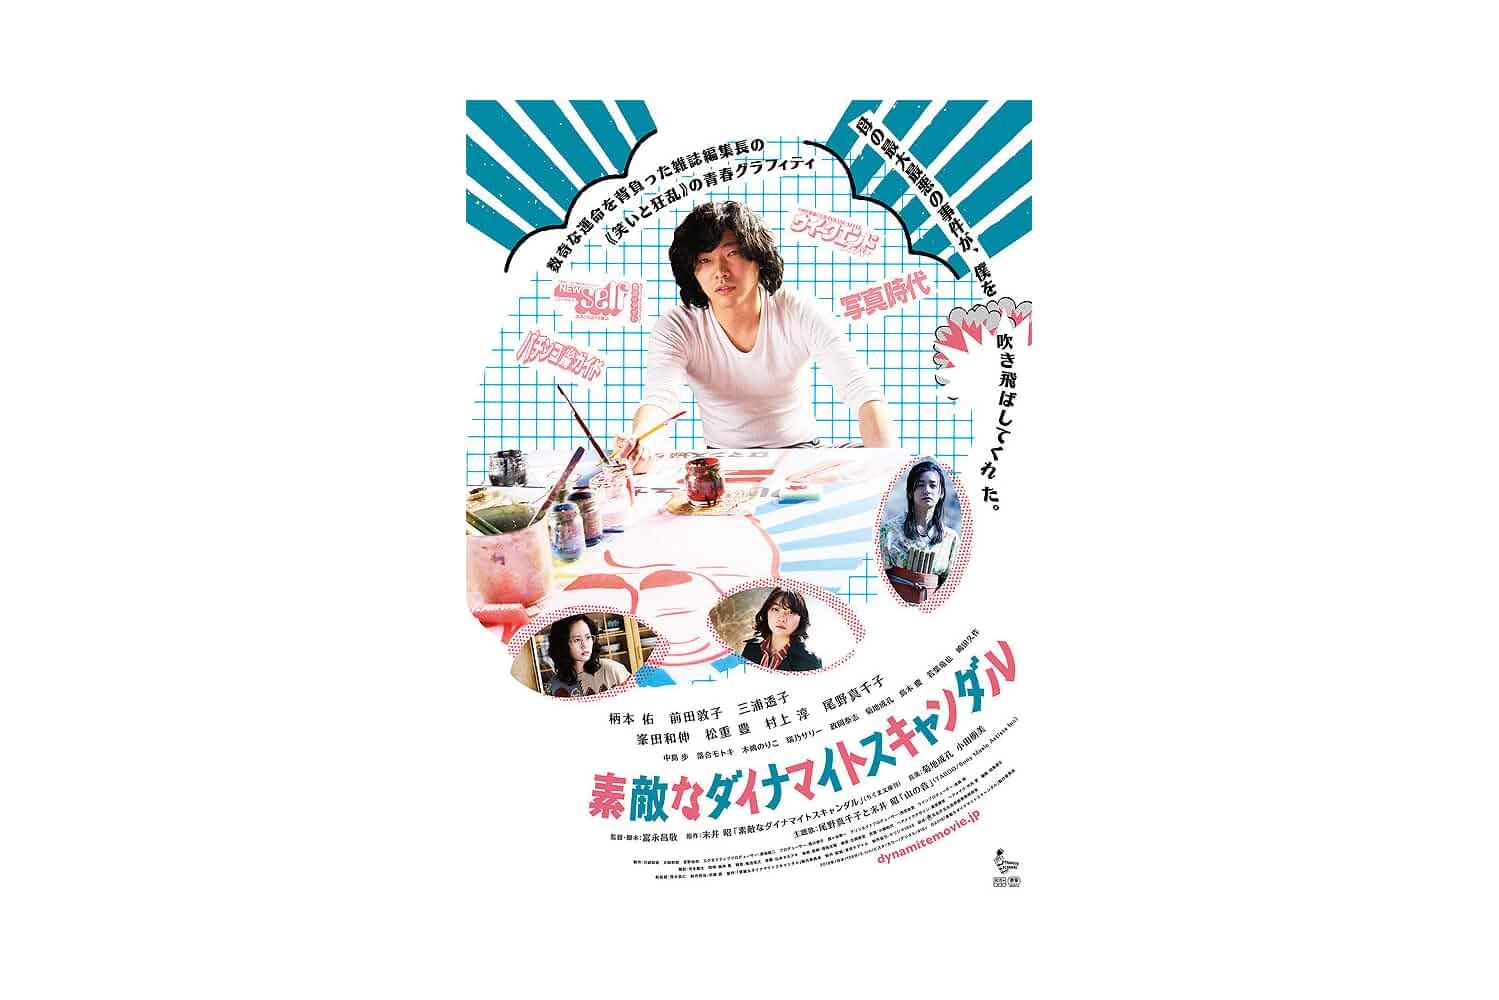 Suteki na dainamaito sukyandaru (2018)